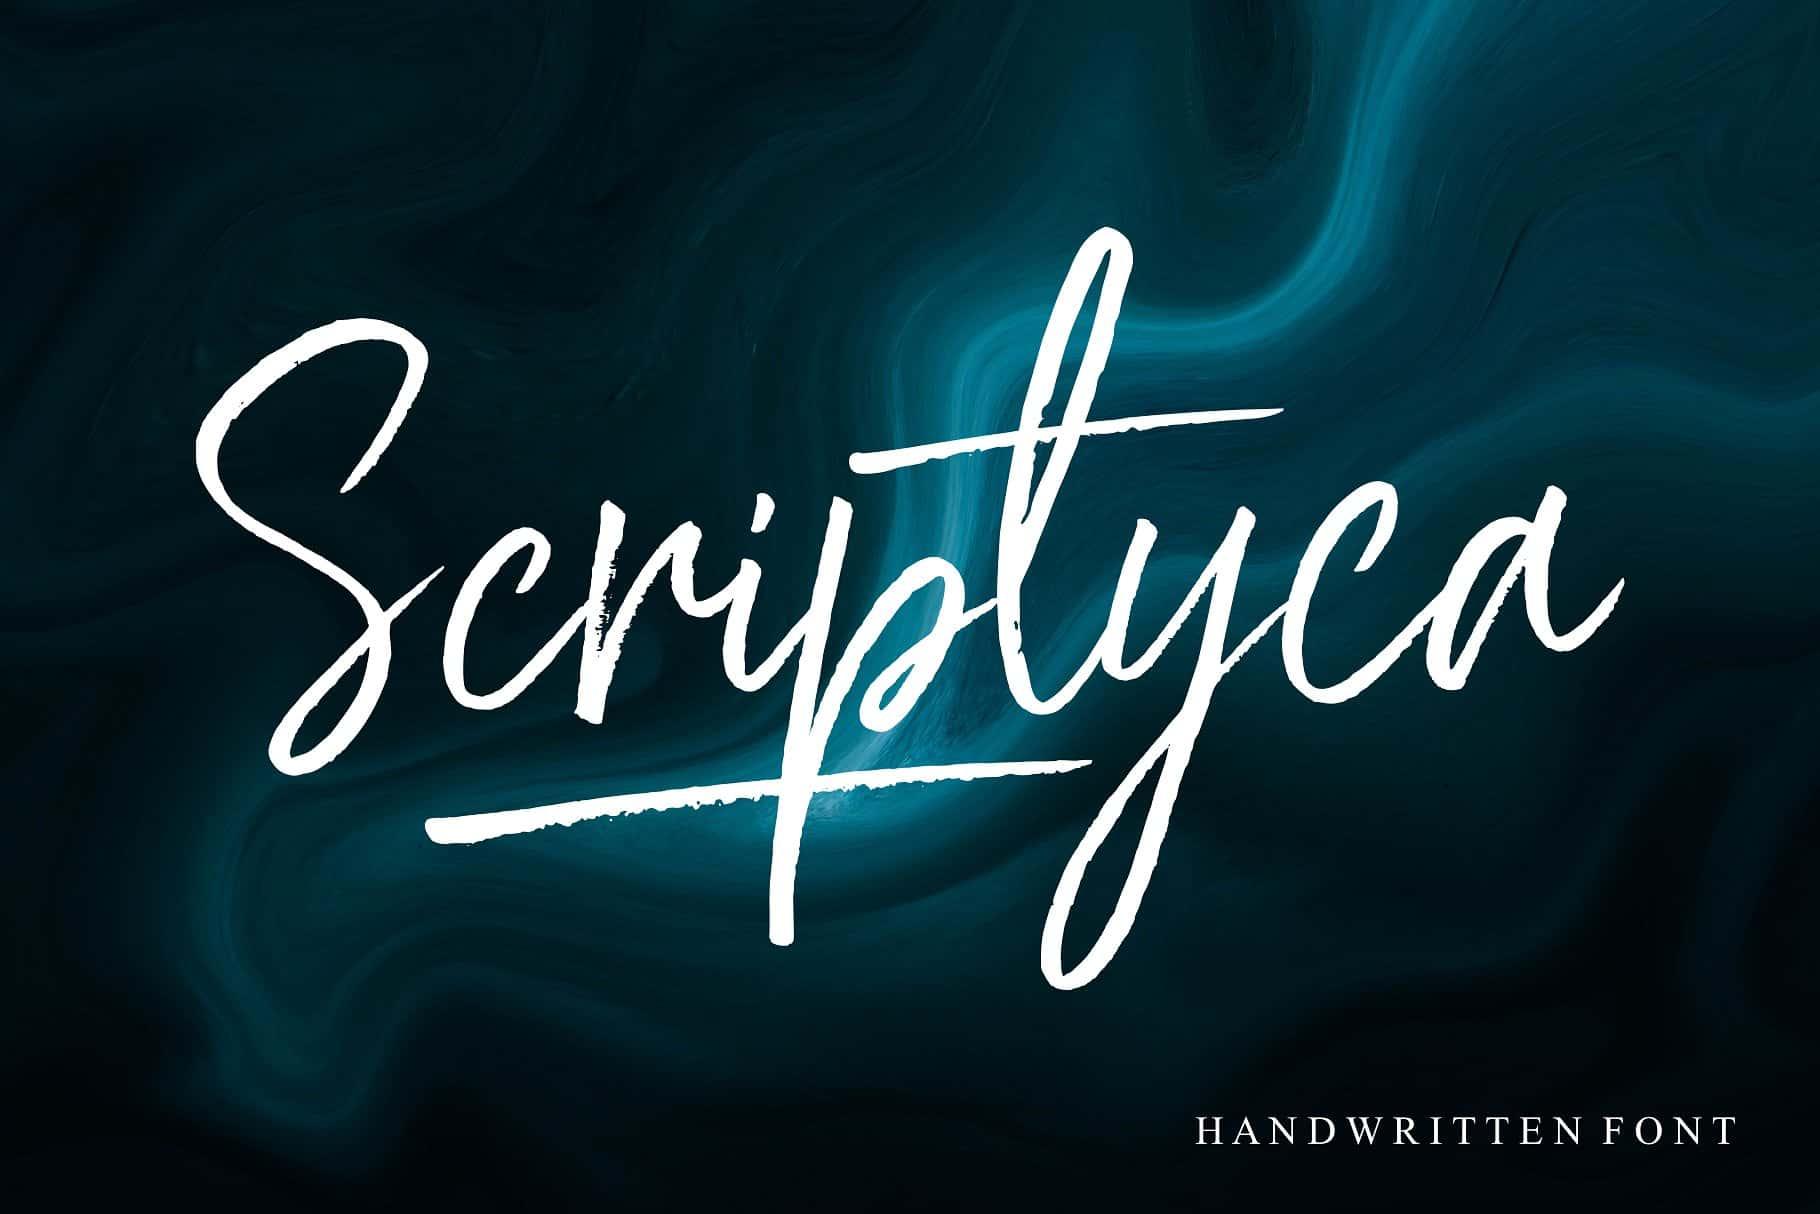 Scriptyca шрифт скачать бесплатно